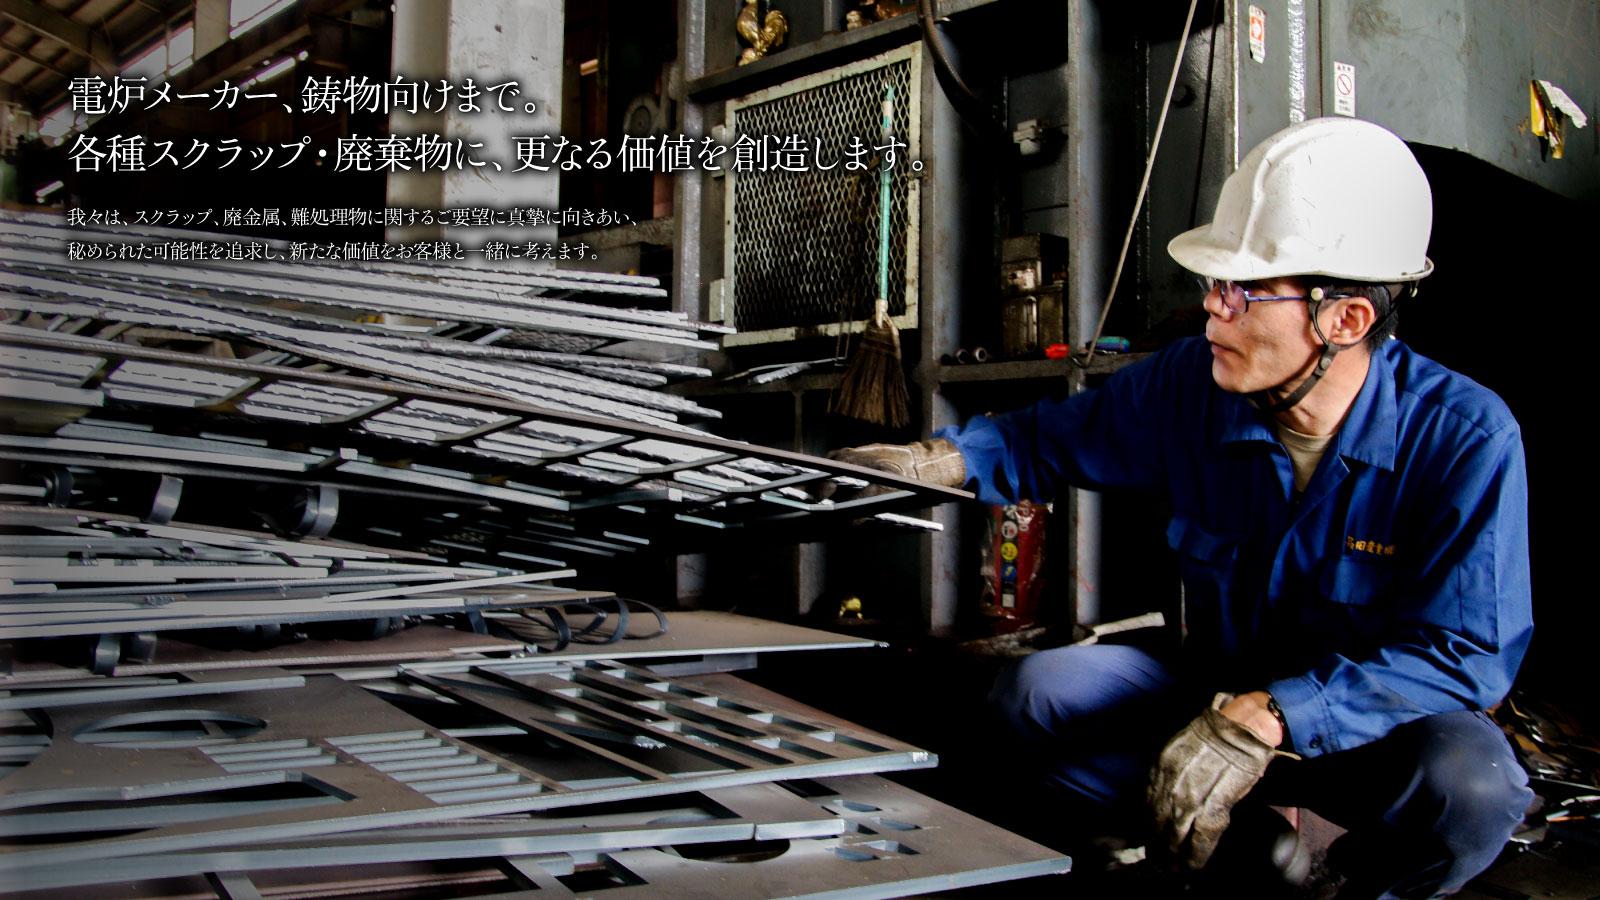 電炉メーカー、鋳物向けまで。各種スクラップ・廃棄物に、更なる価値を創造します。